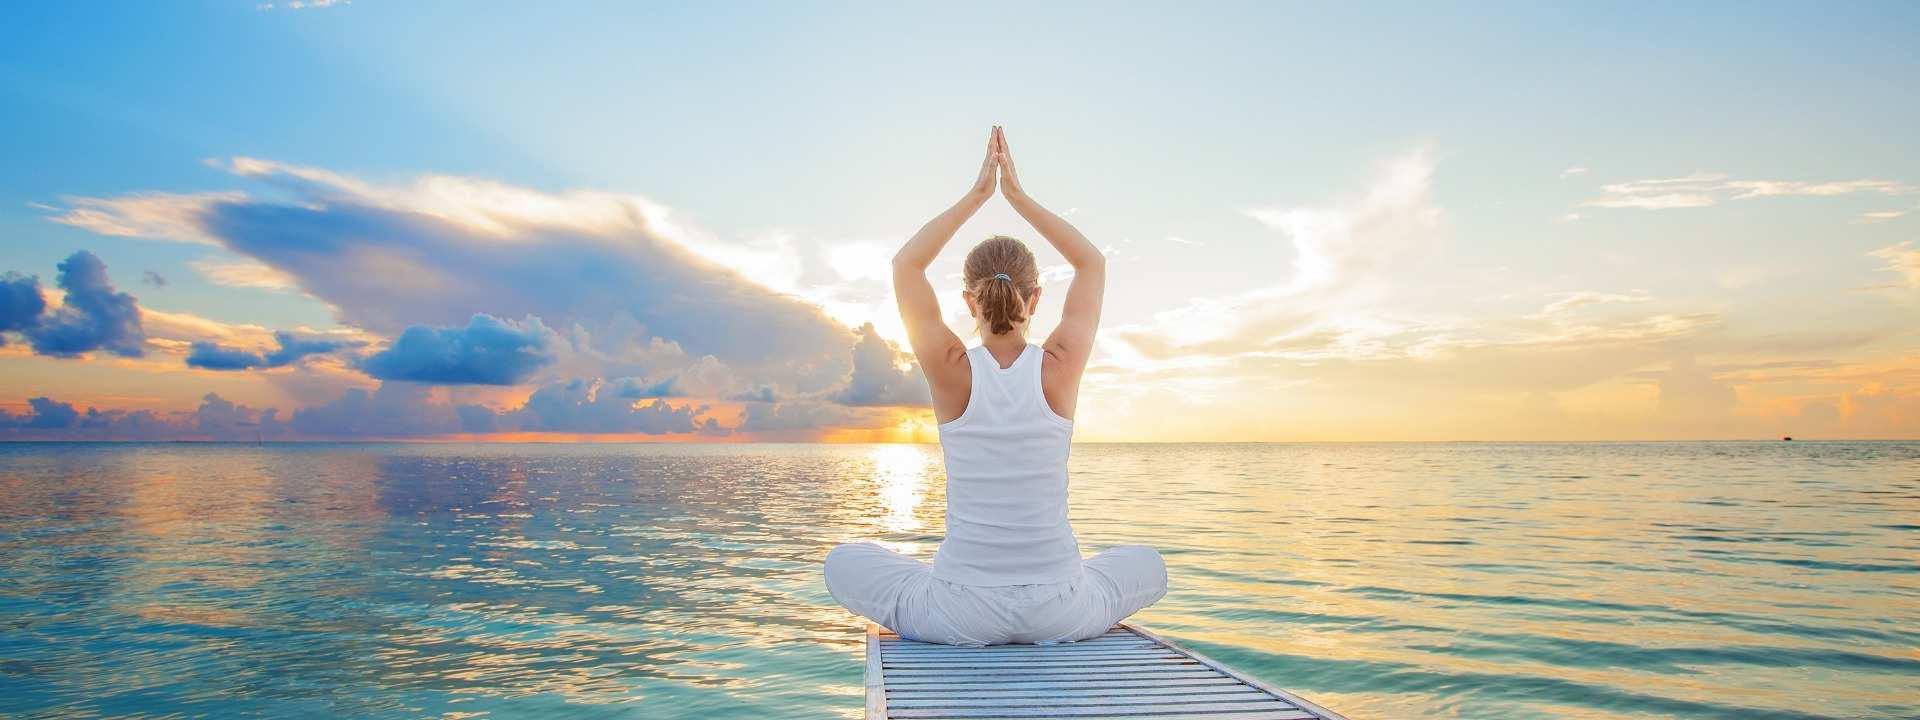 Yoga Retreats: 10 Best Destinations| Escapewithpro.com